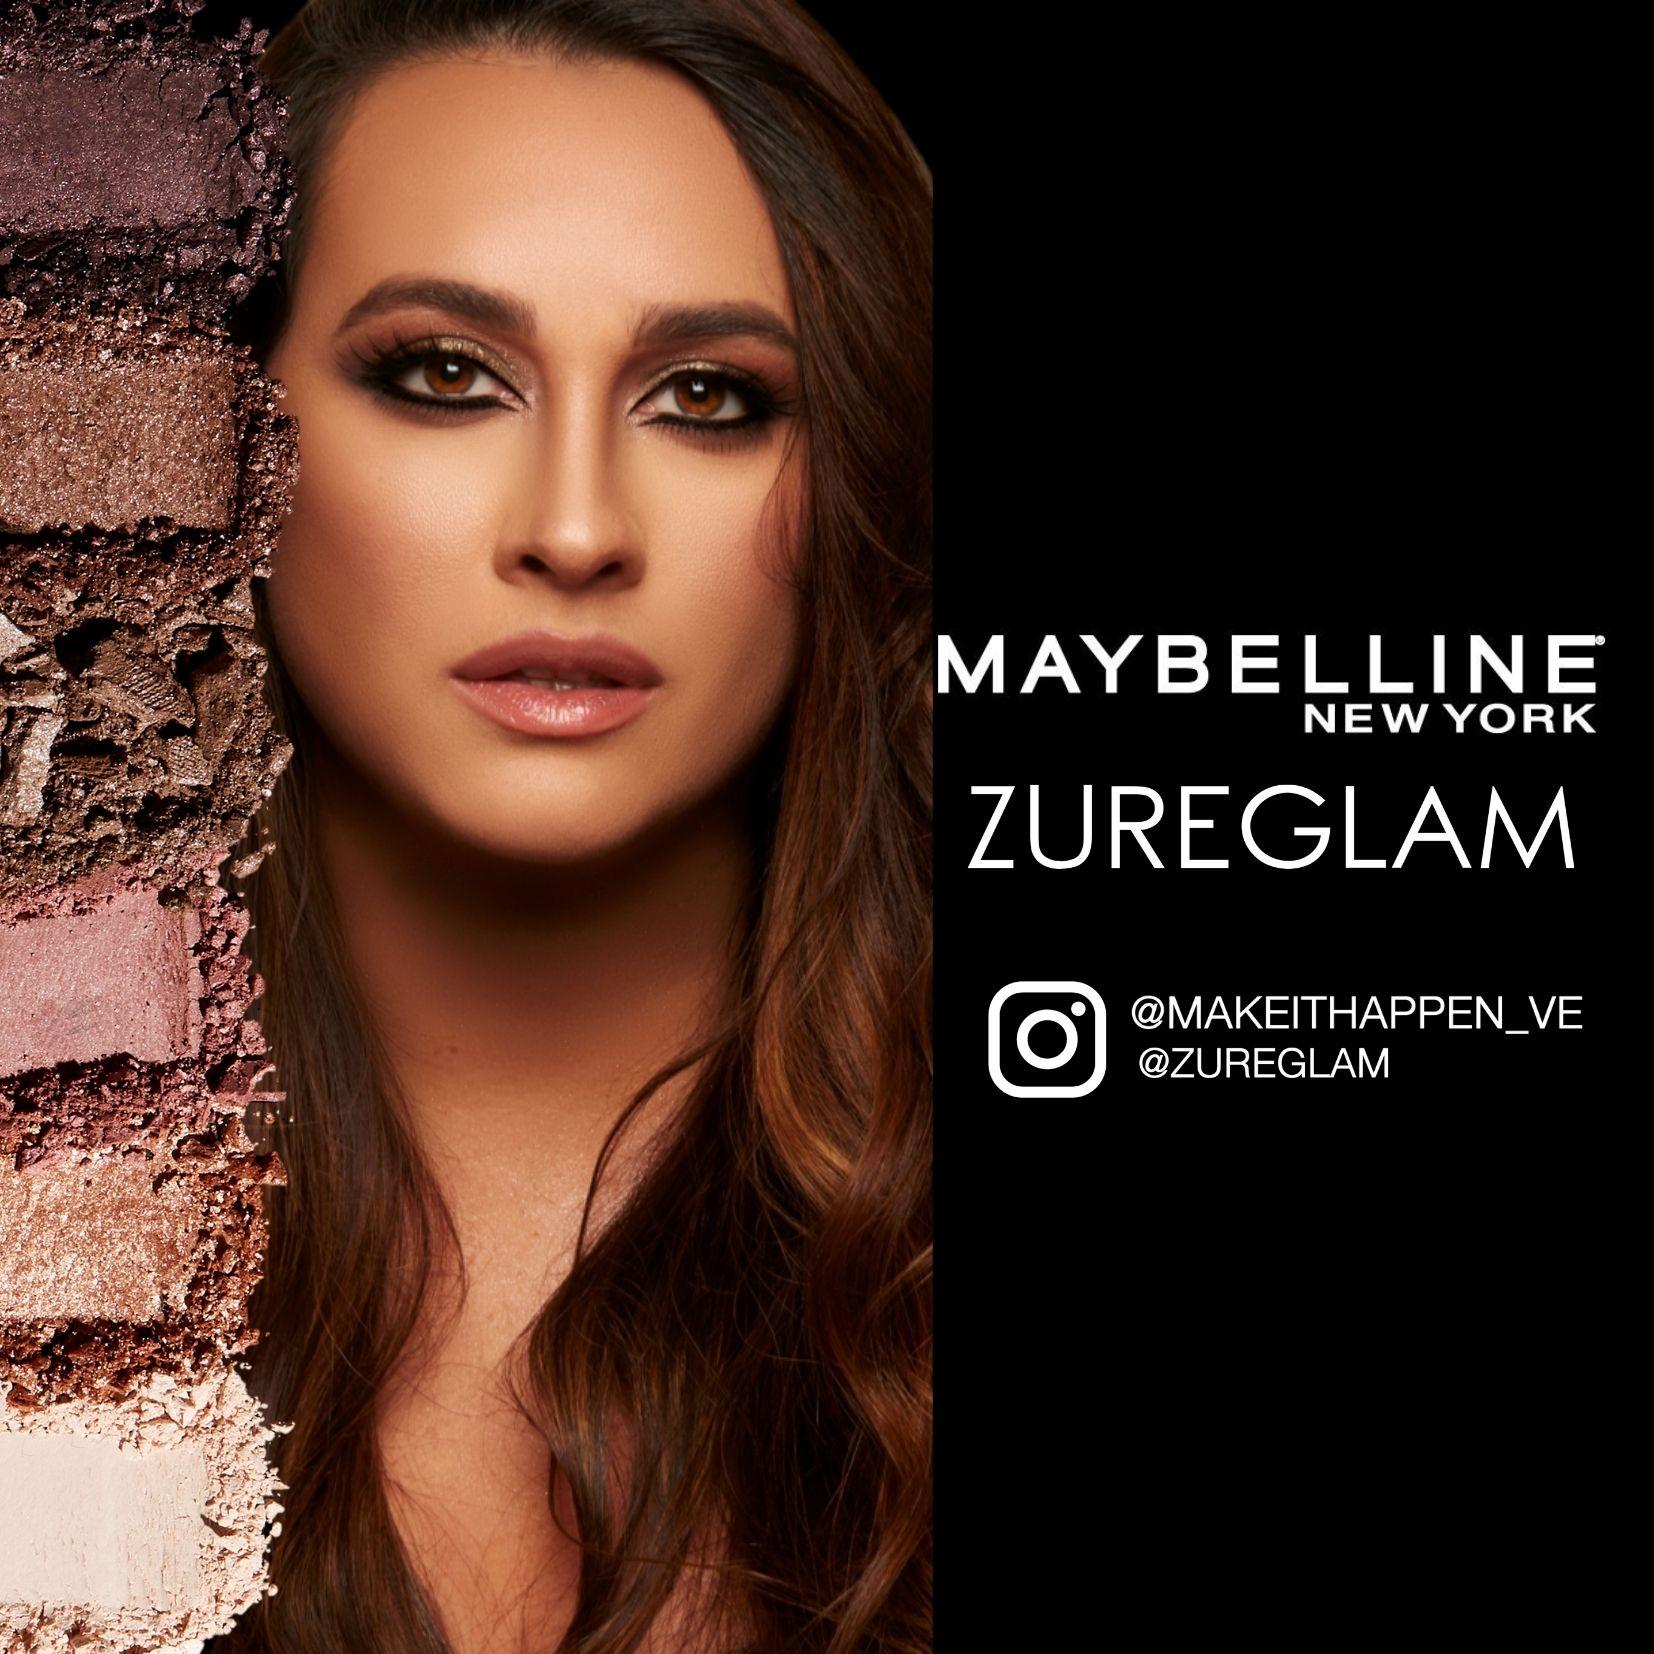 Maybelline New York y Zure Glam te muestran las últimas tendencias en maquillaje adaptadas a tu rostro